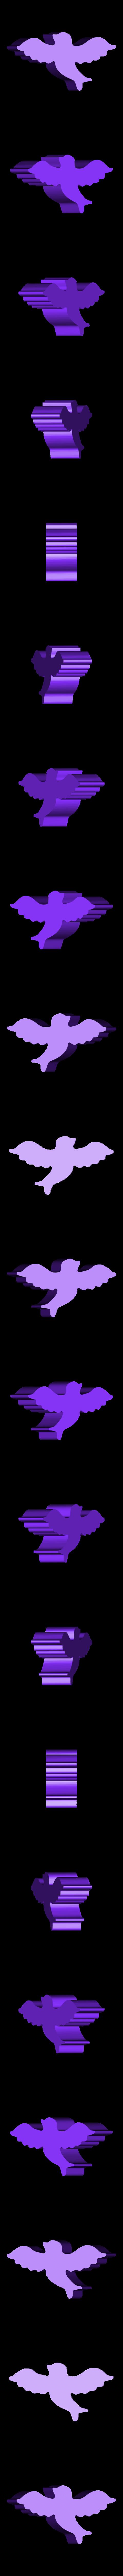 vogel_massief.STL Download free STL file Cookie cutters! • 3D print design, MaterialsToBuils3D